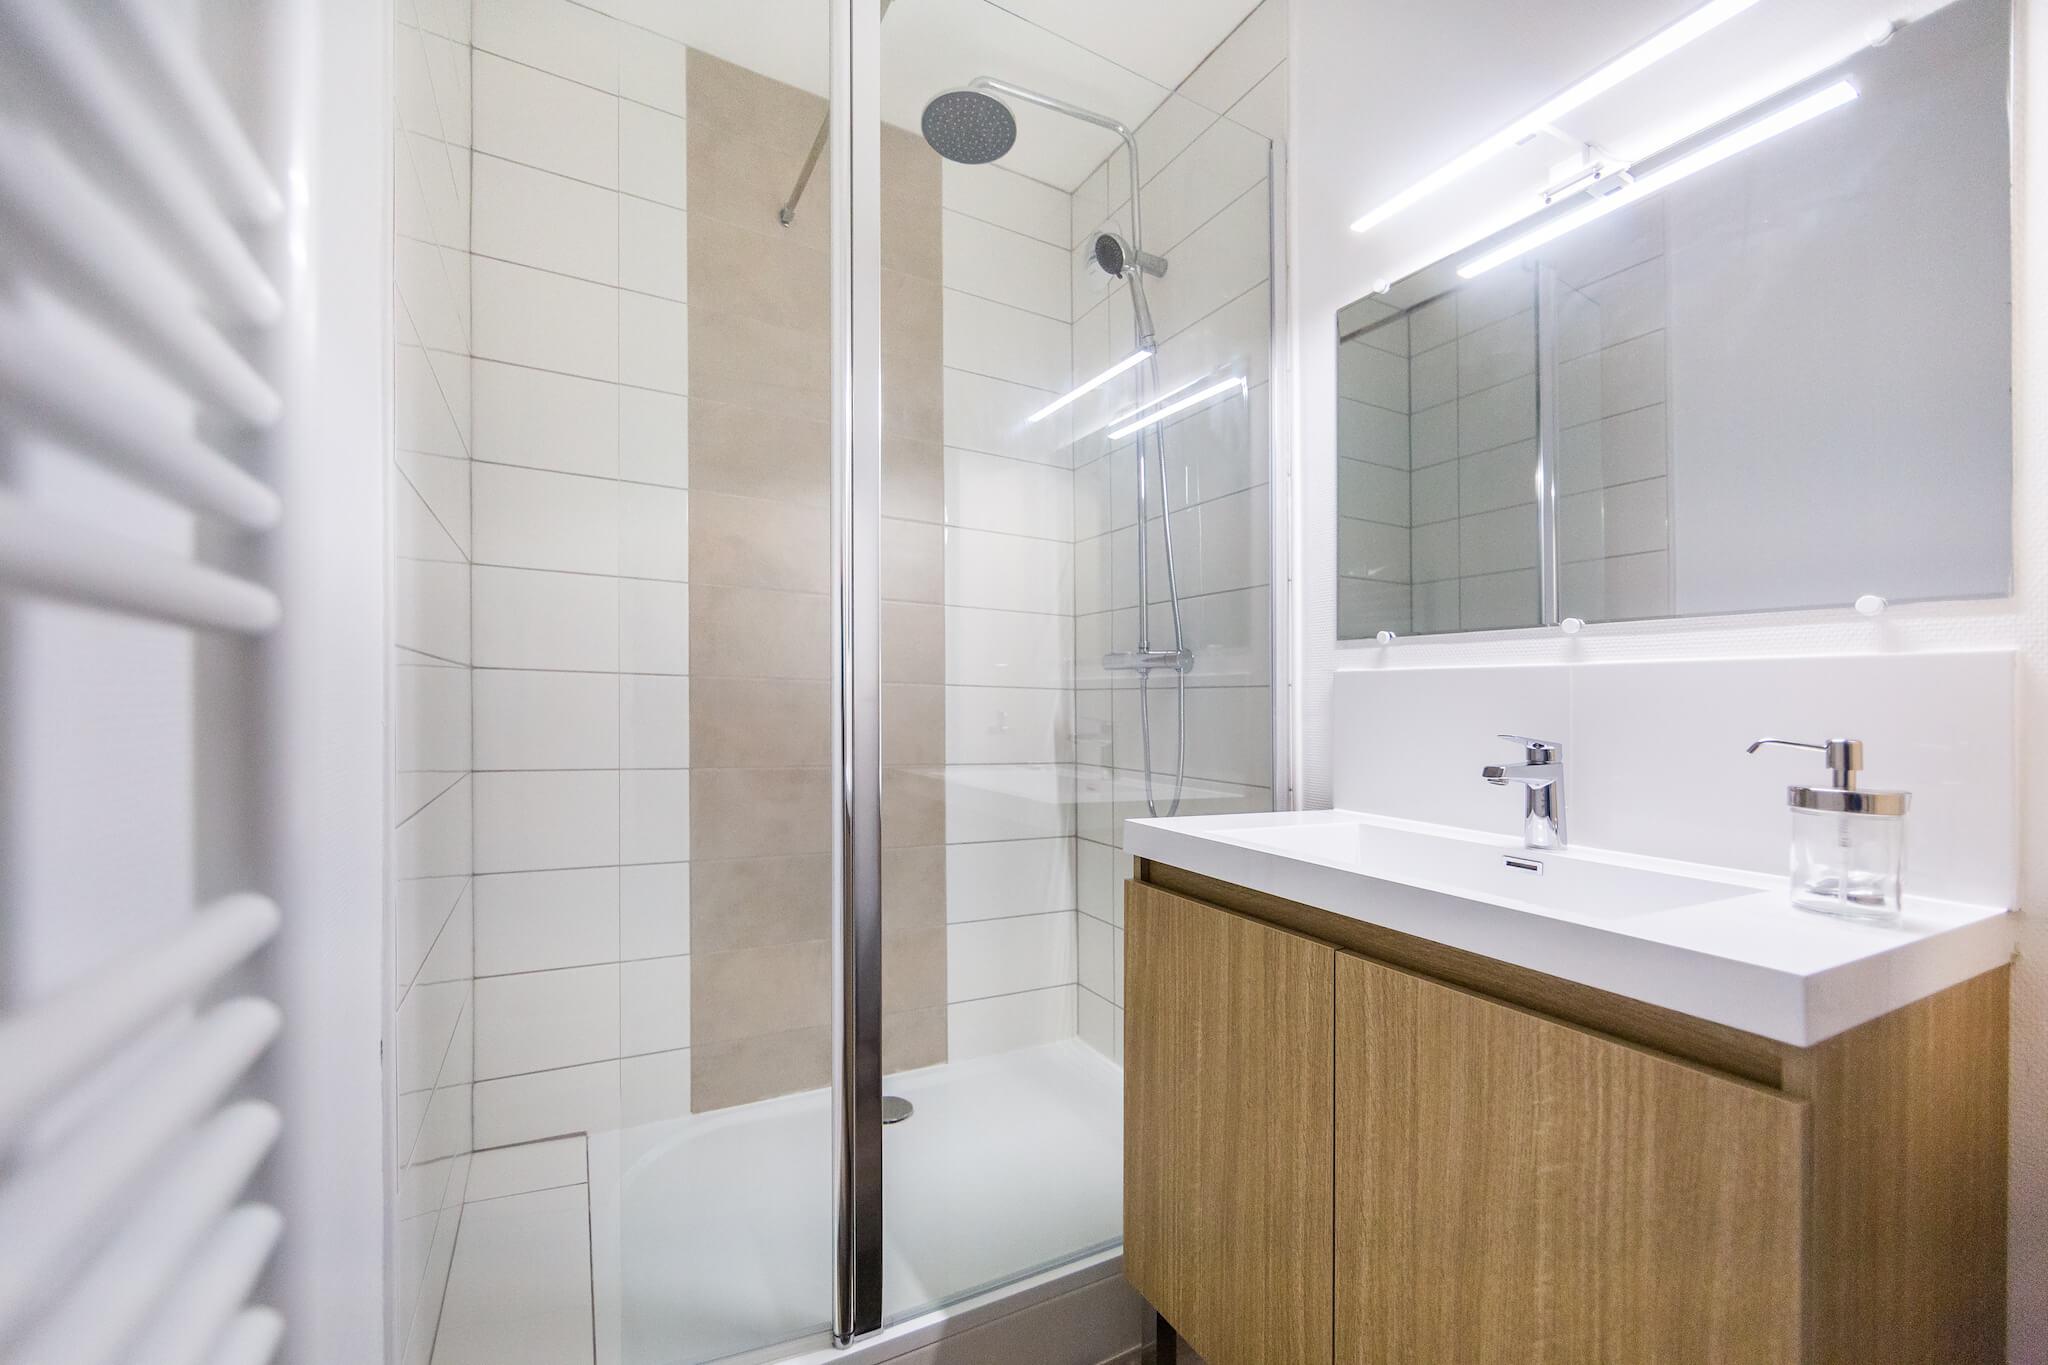 salle-de-bain-lumineuse-appartement-location-colocation-meublé-rennes